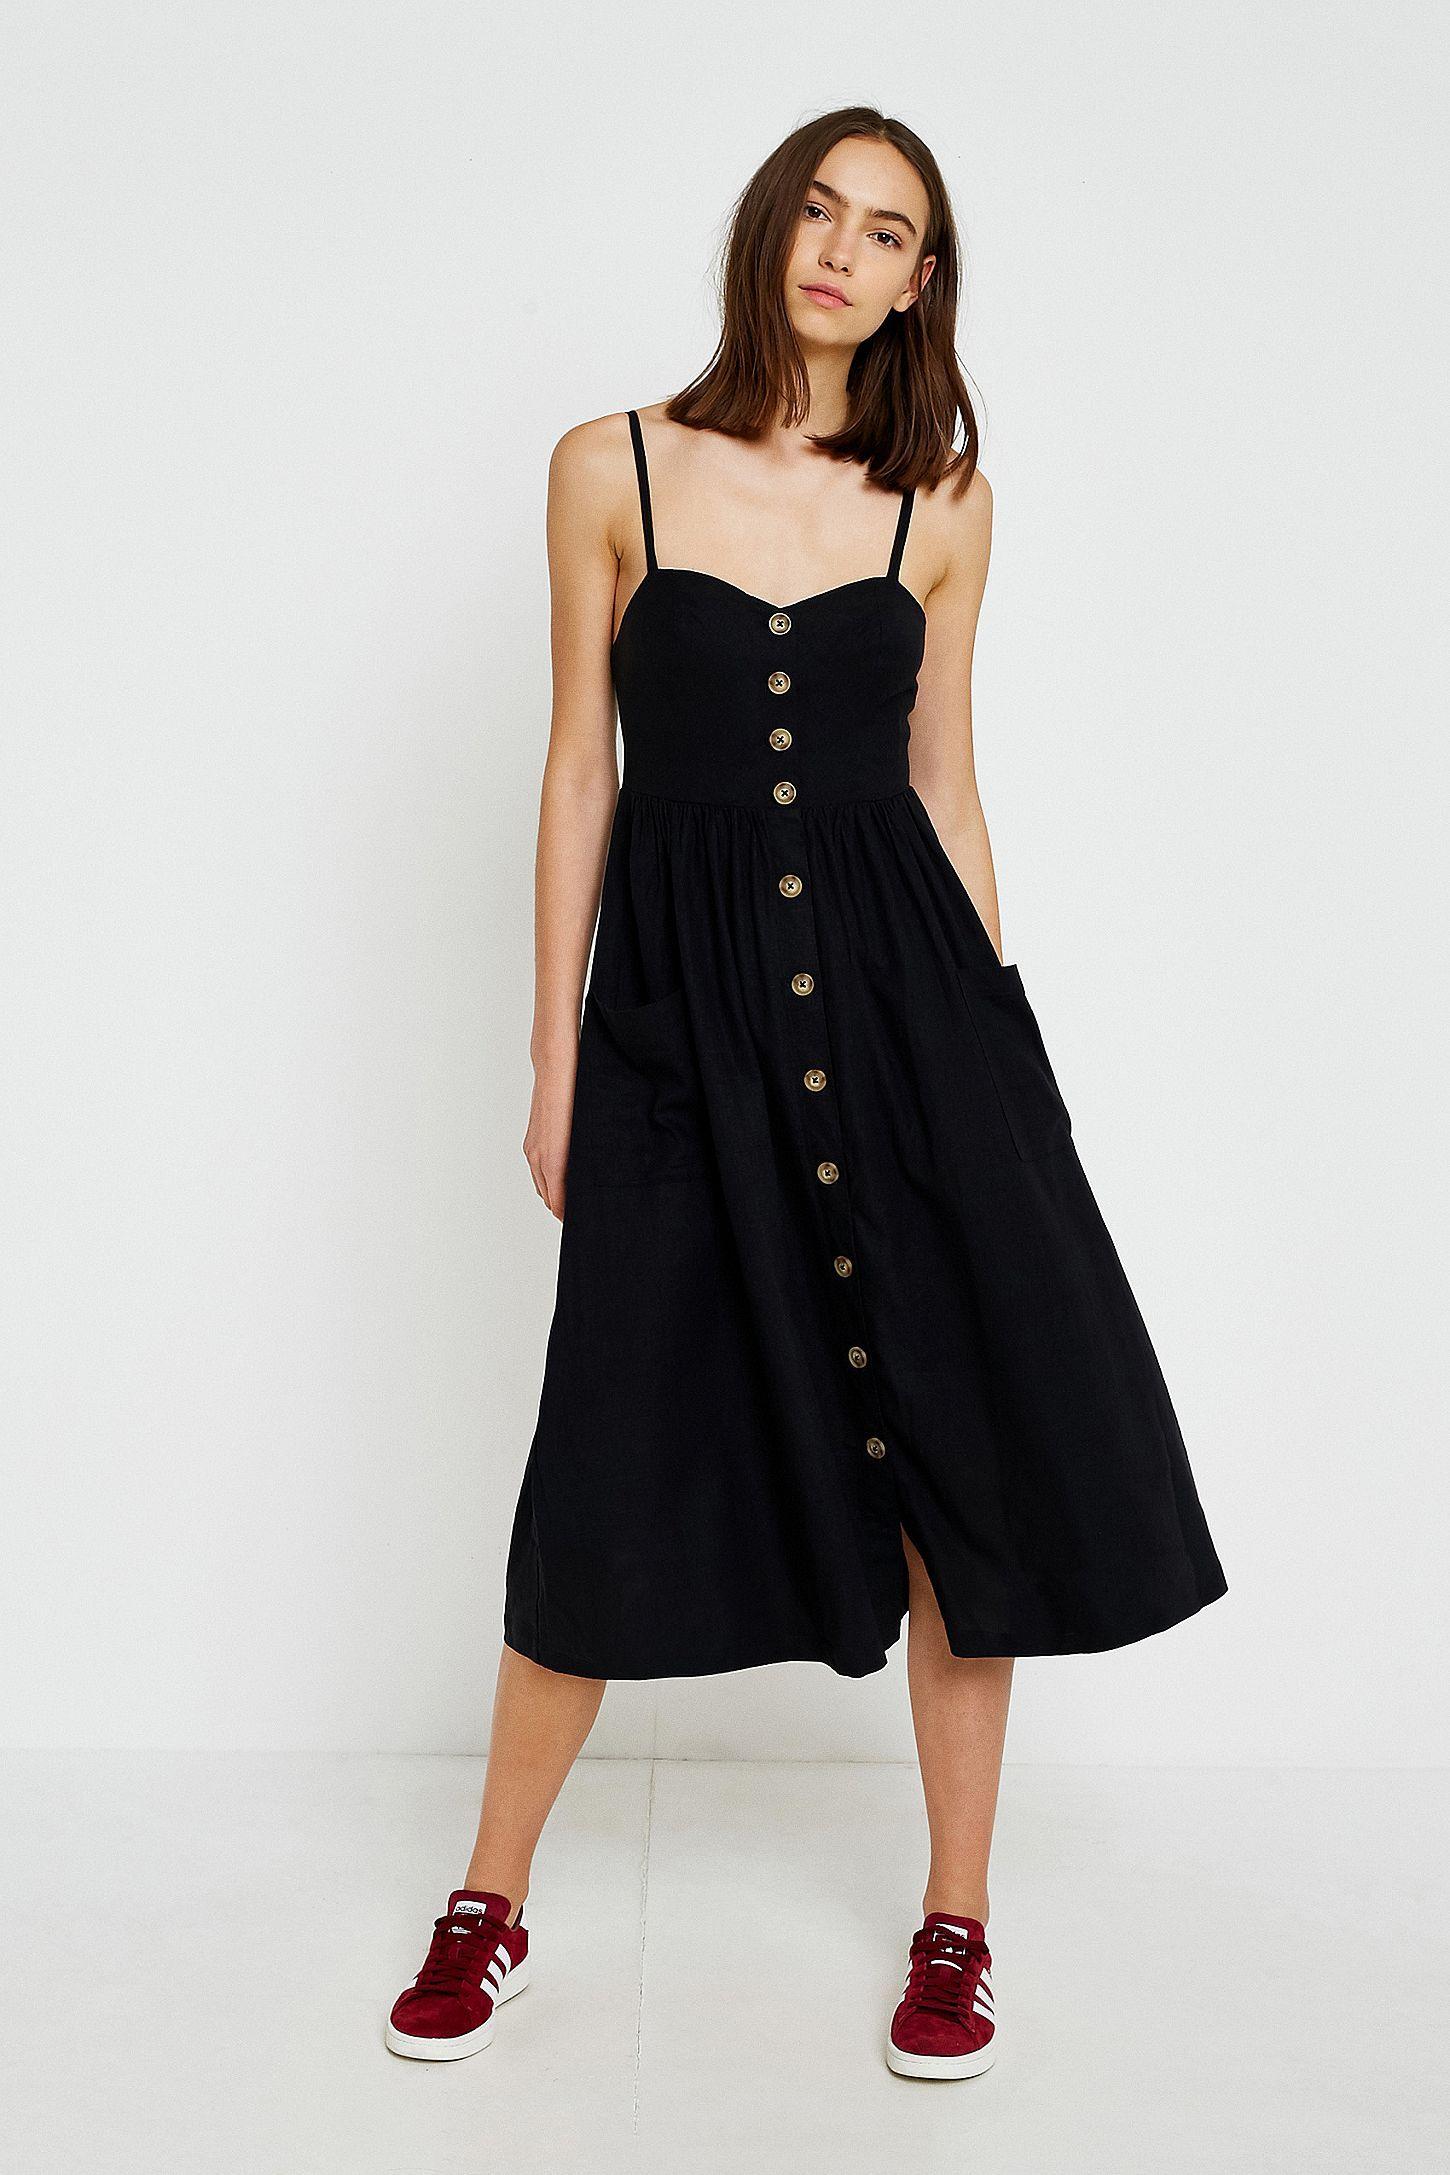 c234c9e335 UO Emilia Black Button-Through Midi Dress | s t y l e | Black ...